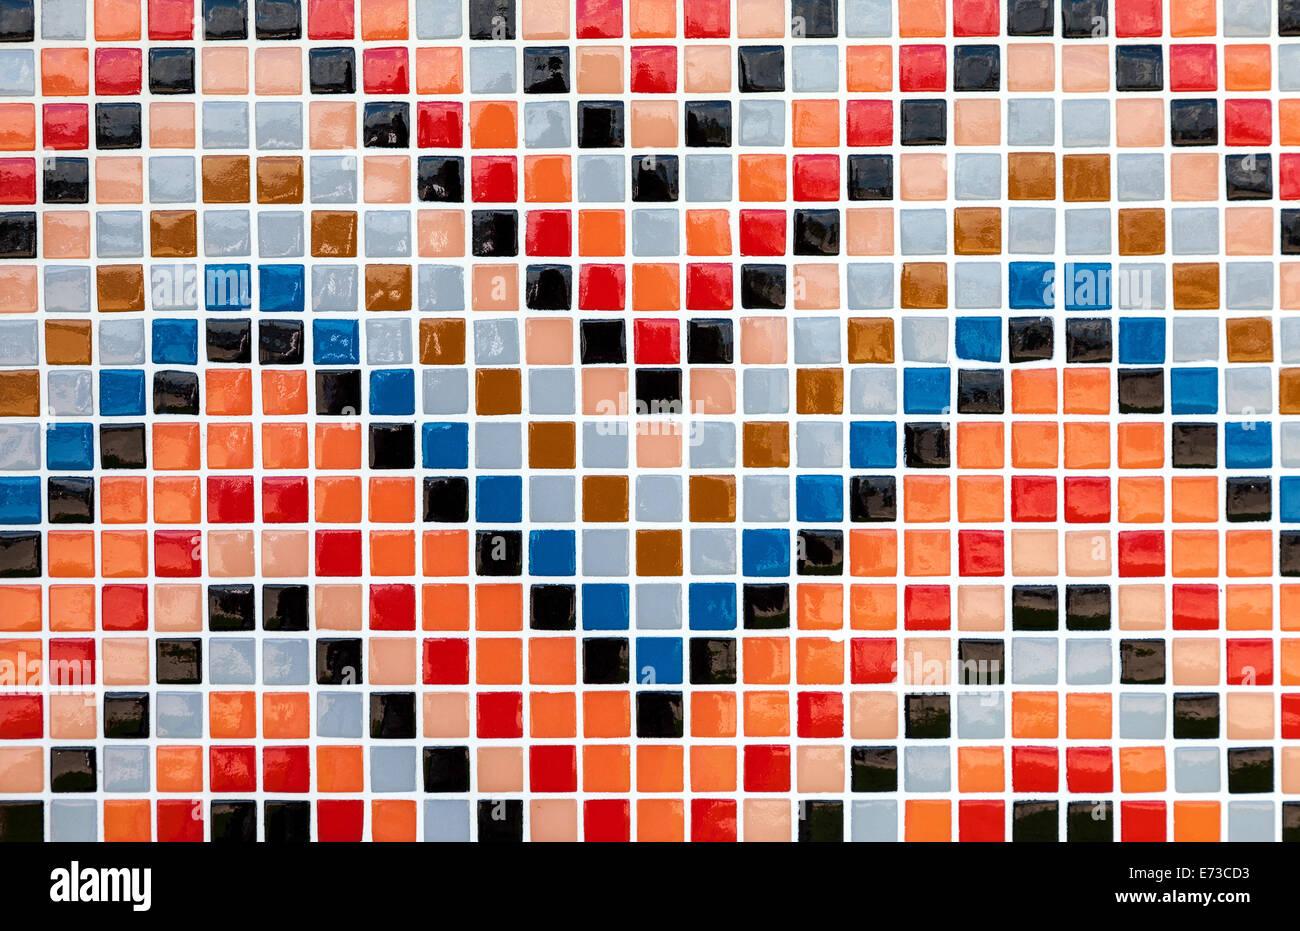 Vetro ceramica colorate piastrelle a mosaico pattern di composizione di sfondo foto immagine - Composizione piastrelle bagno ...